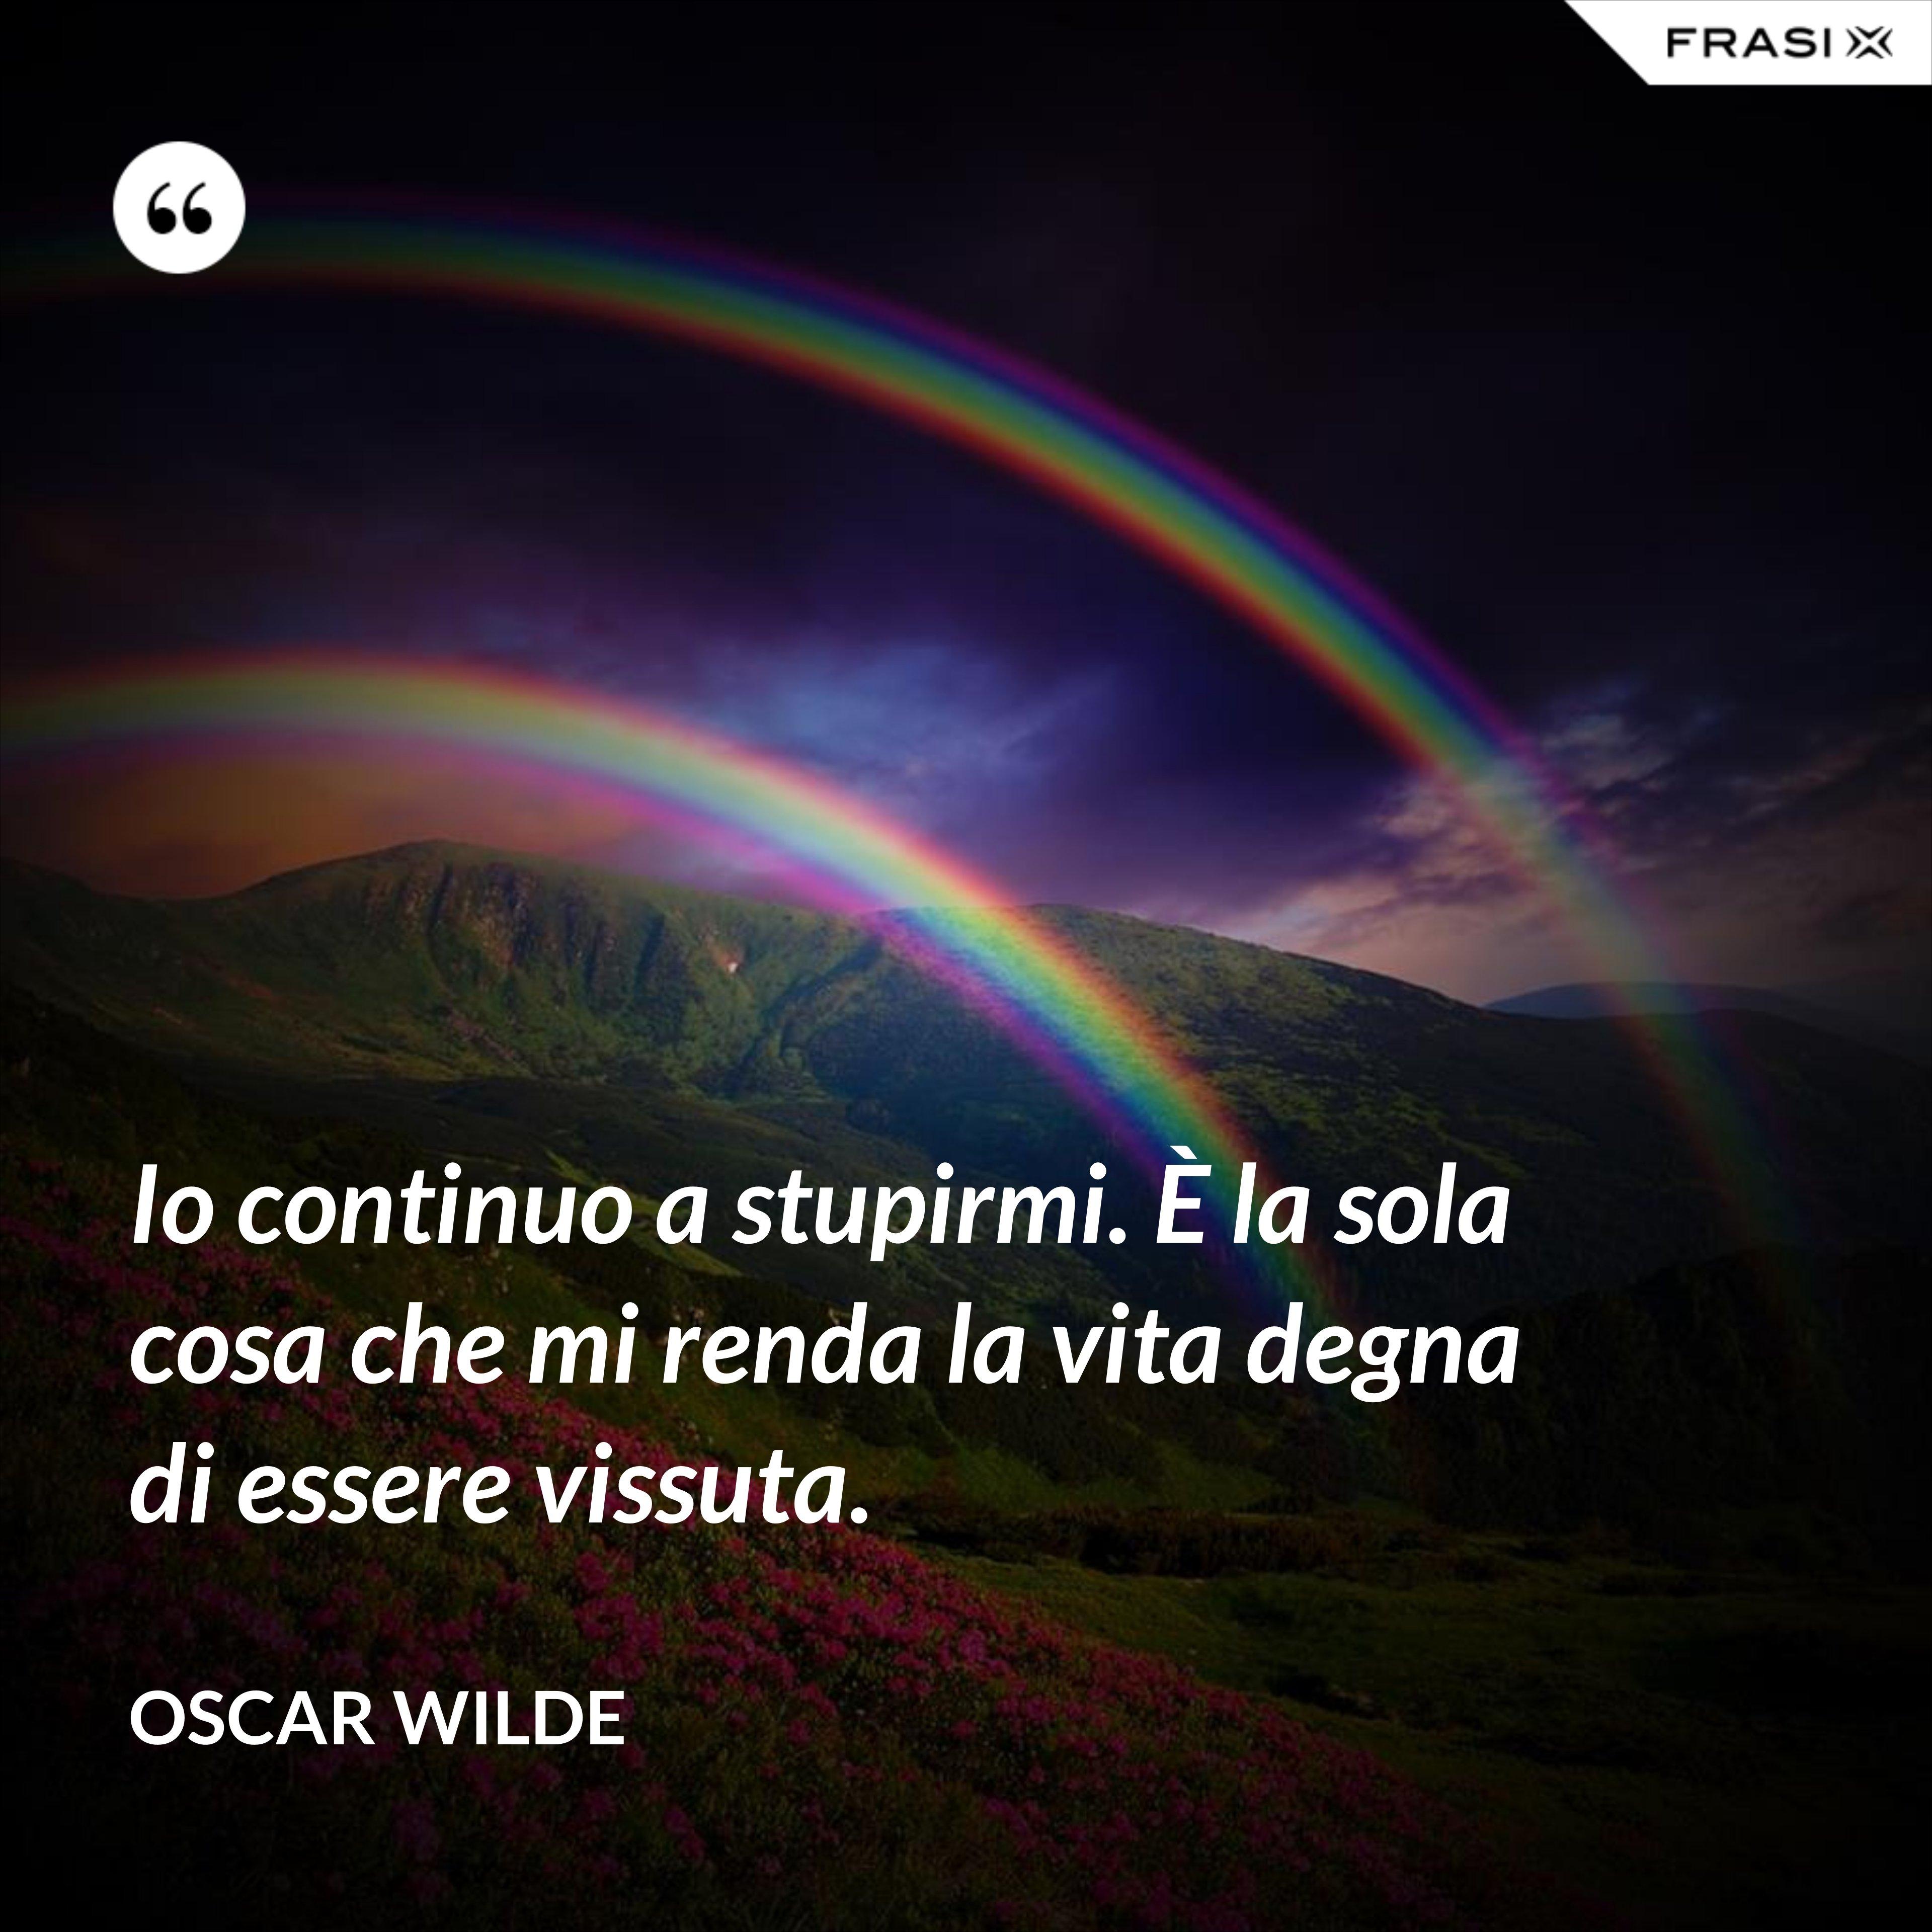 Io continuo a stupirmi. È la sola cosa che mi renda la vita degna di essere vissuta. - Oscar Wilde